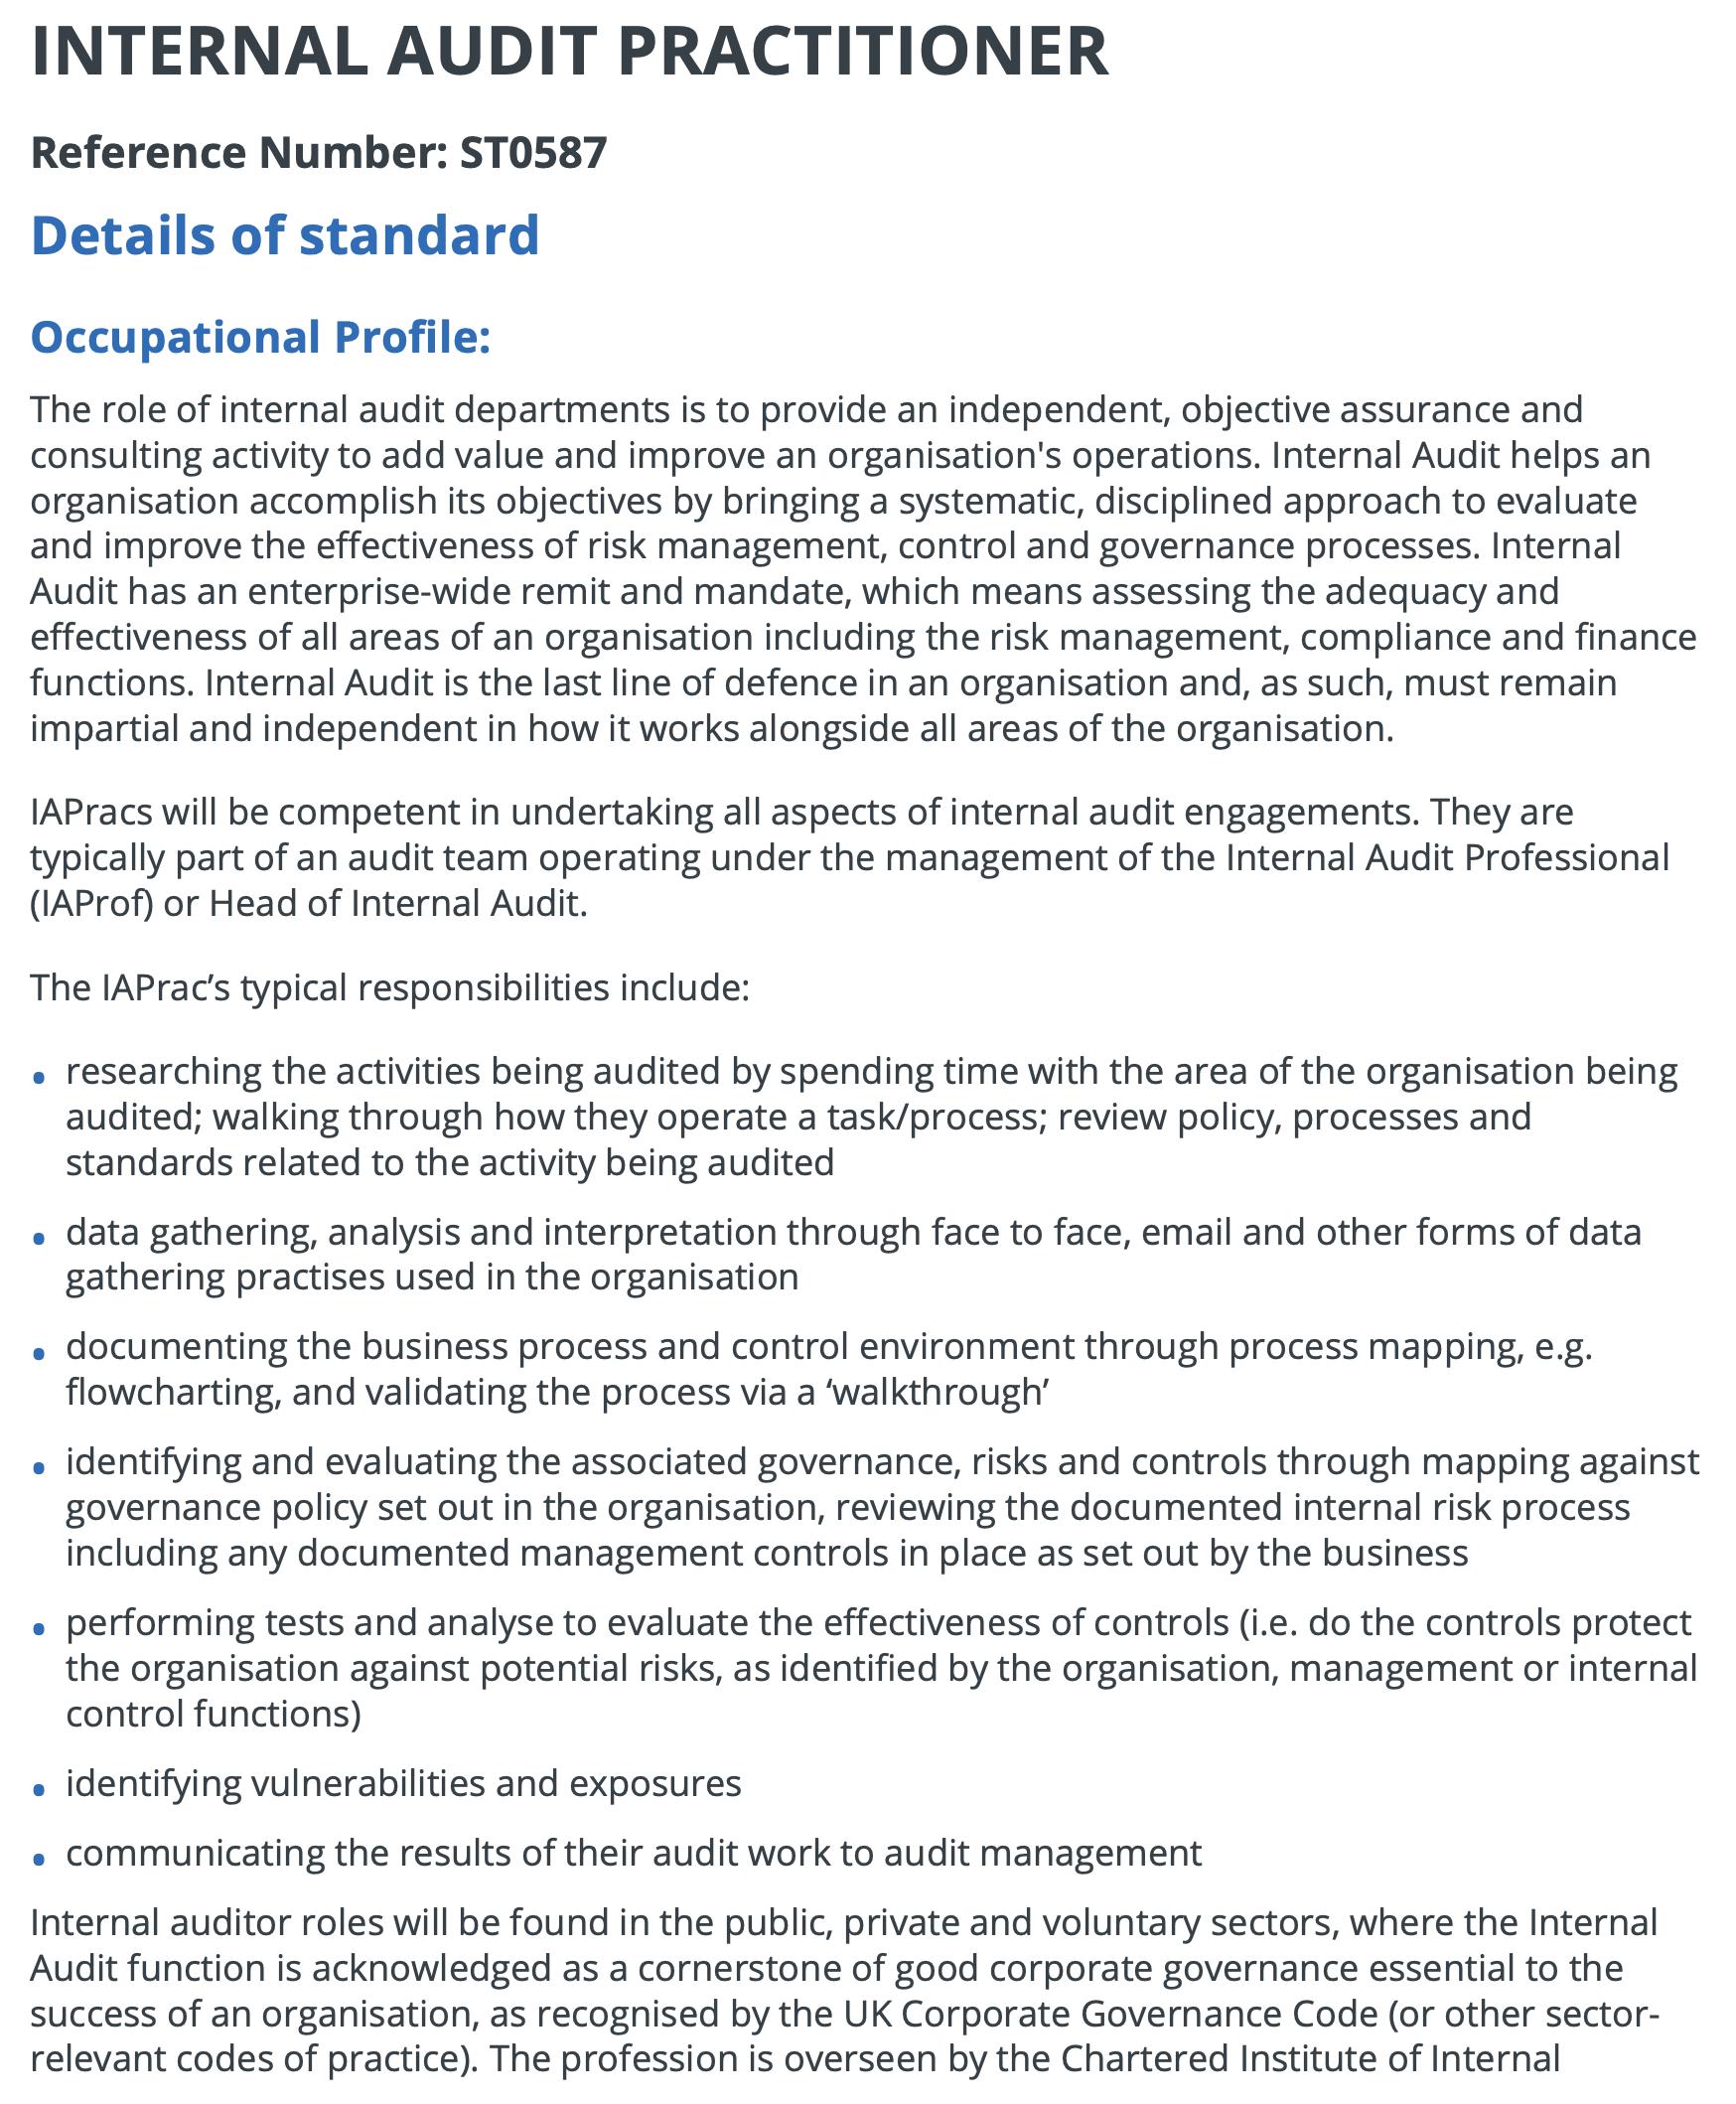 Internal audit practitioner .pdf